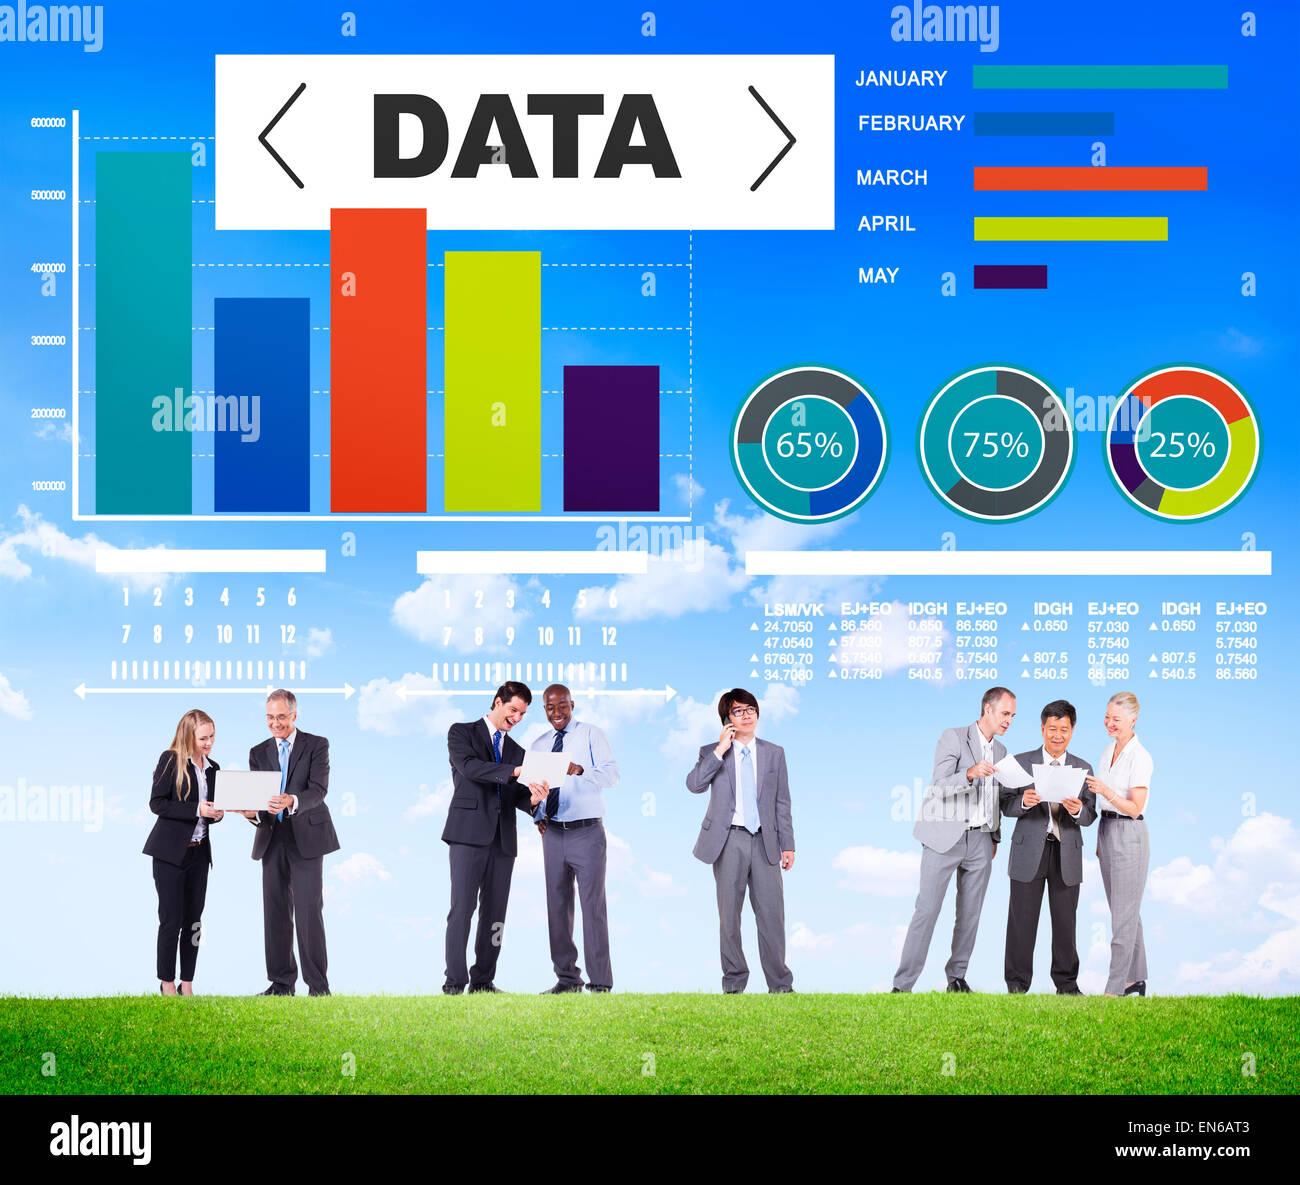 Tableau d'analyse de données statistiques sur le rendement de l'information Modèle Concept Photo Stock